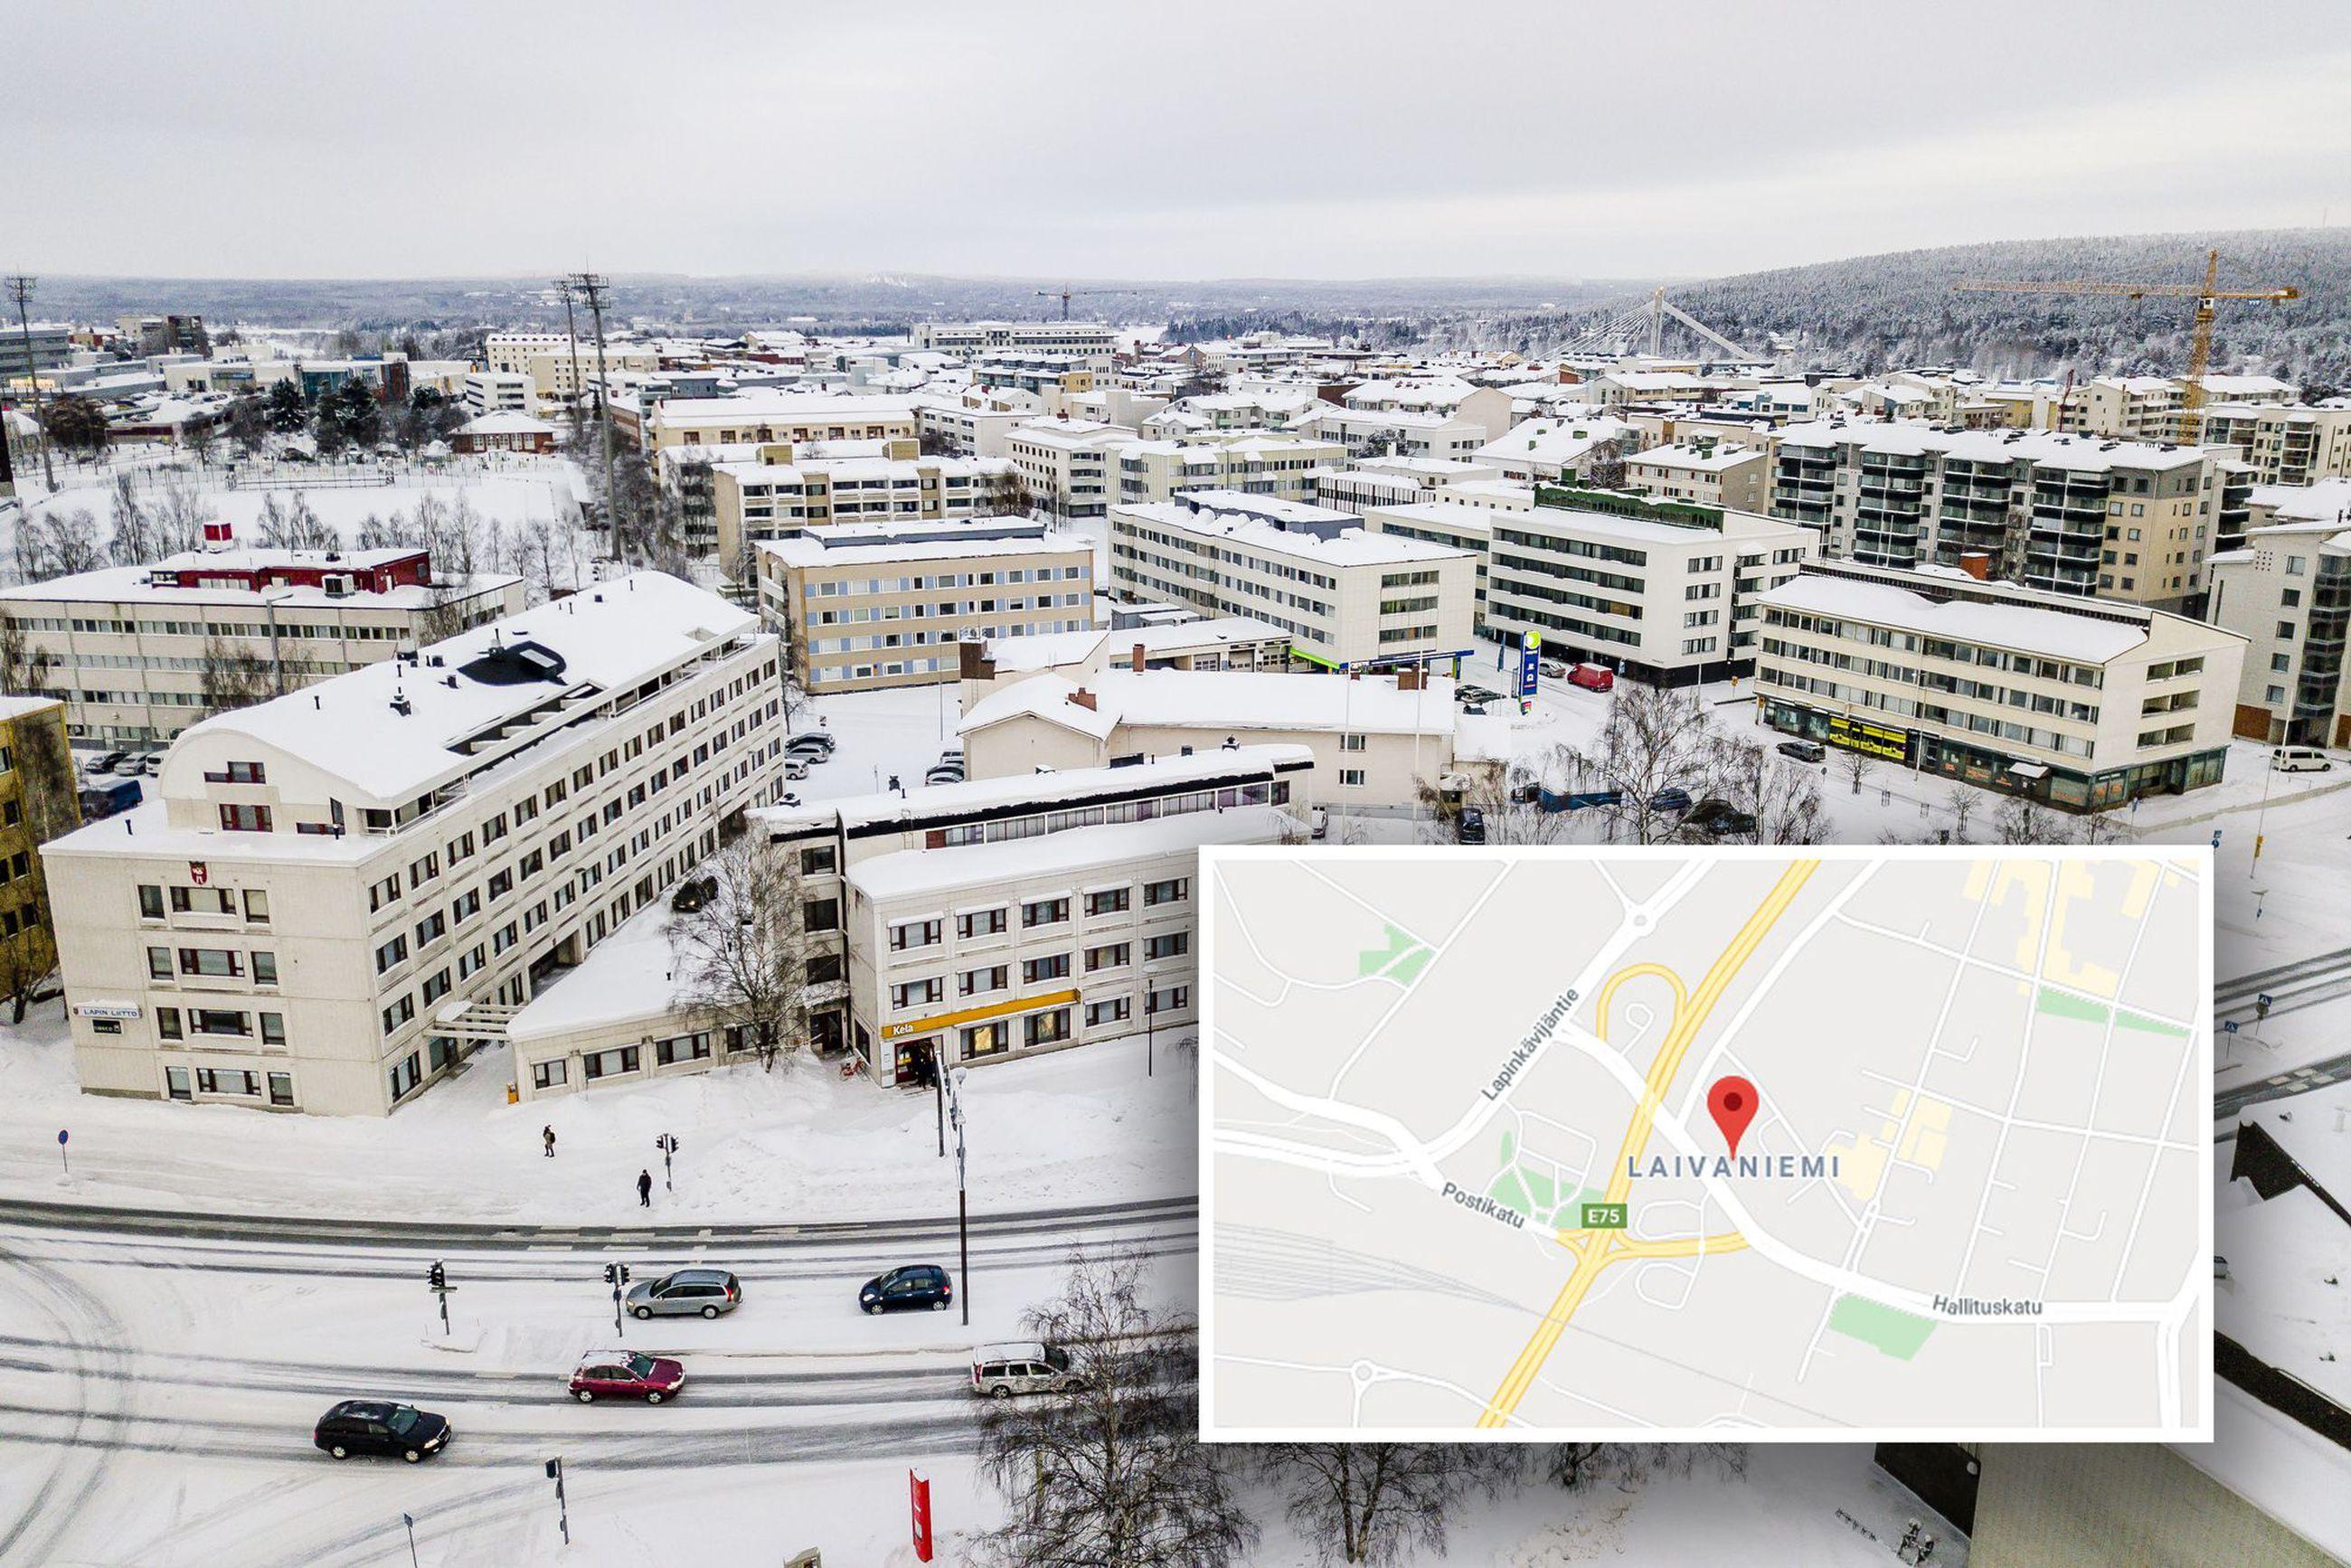 Googlen Kartan Mukaan Rovaniemen Keskustan Nimi On Laivaniemi